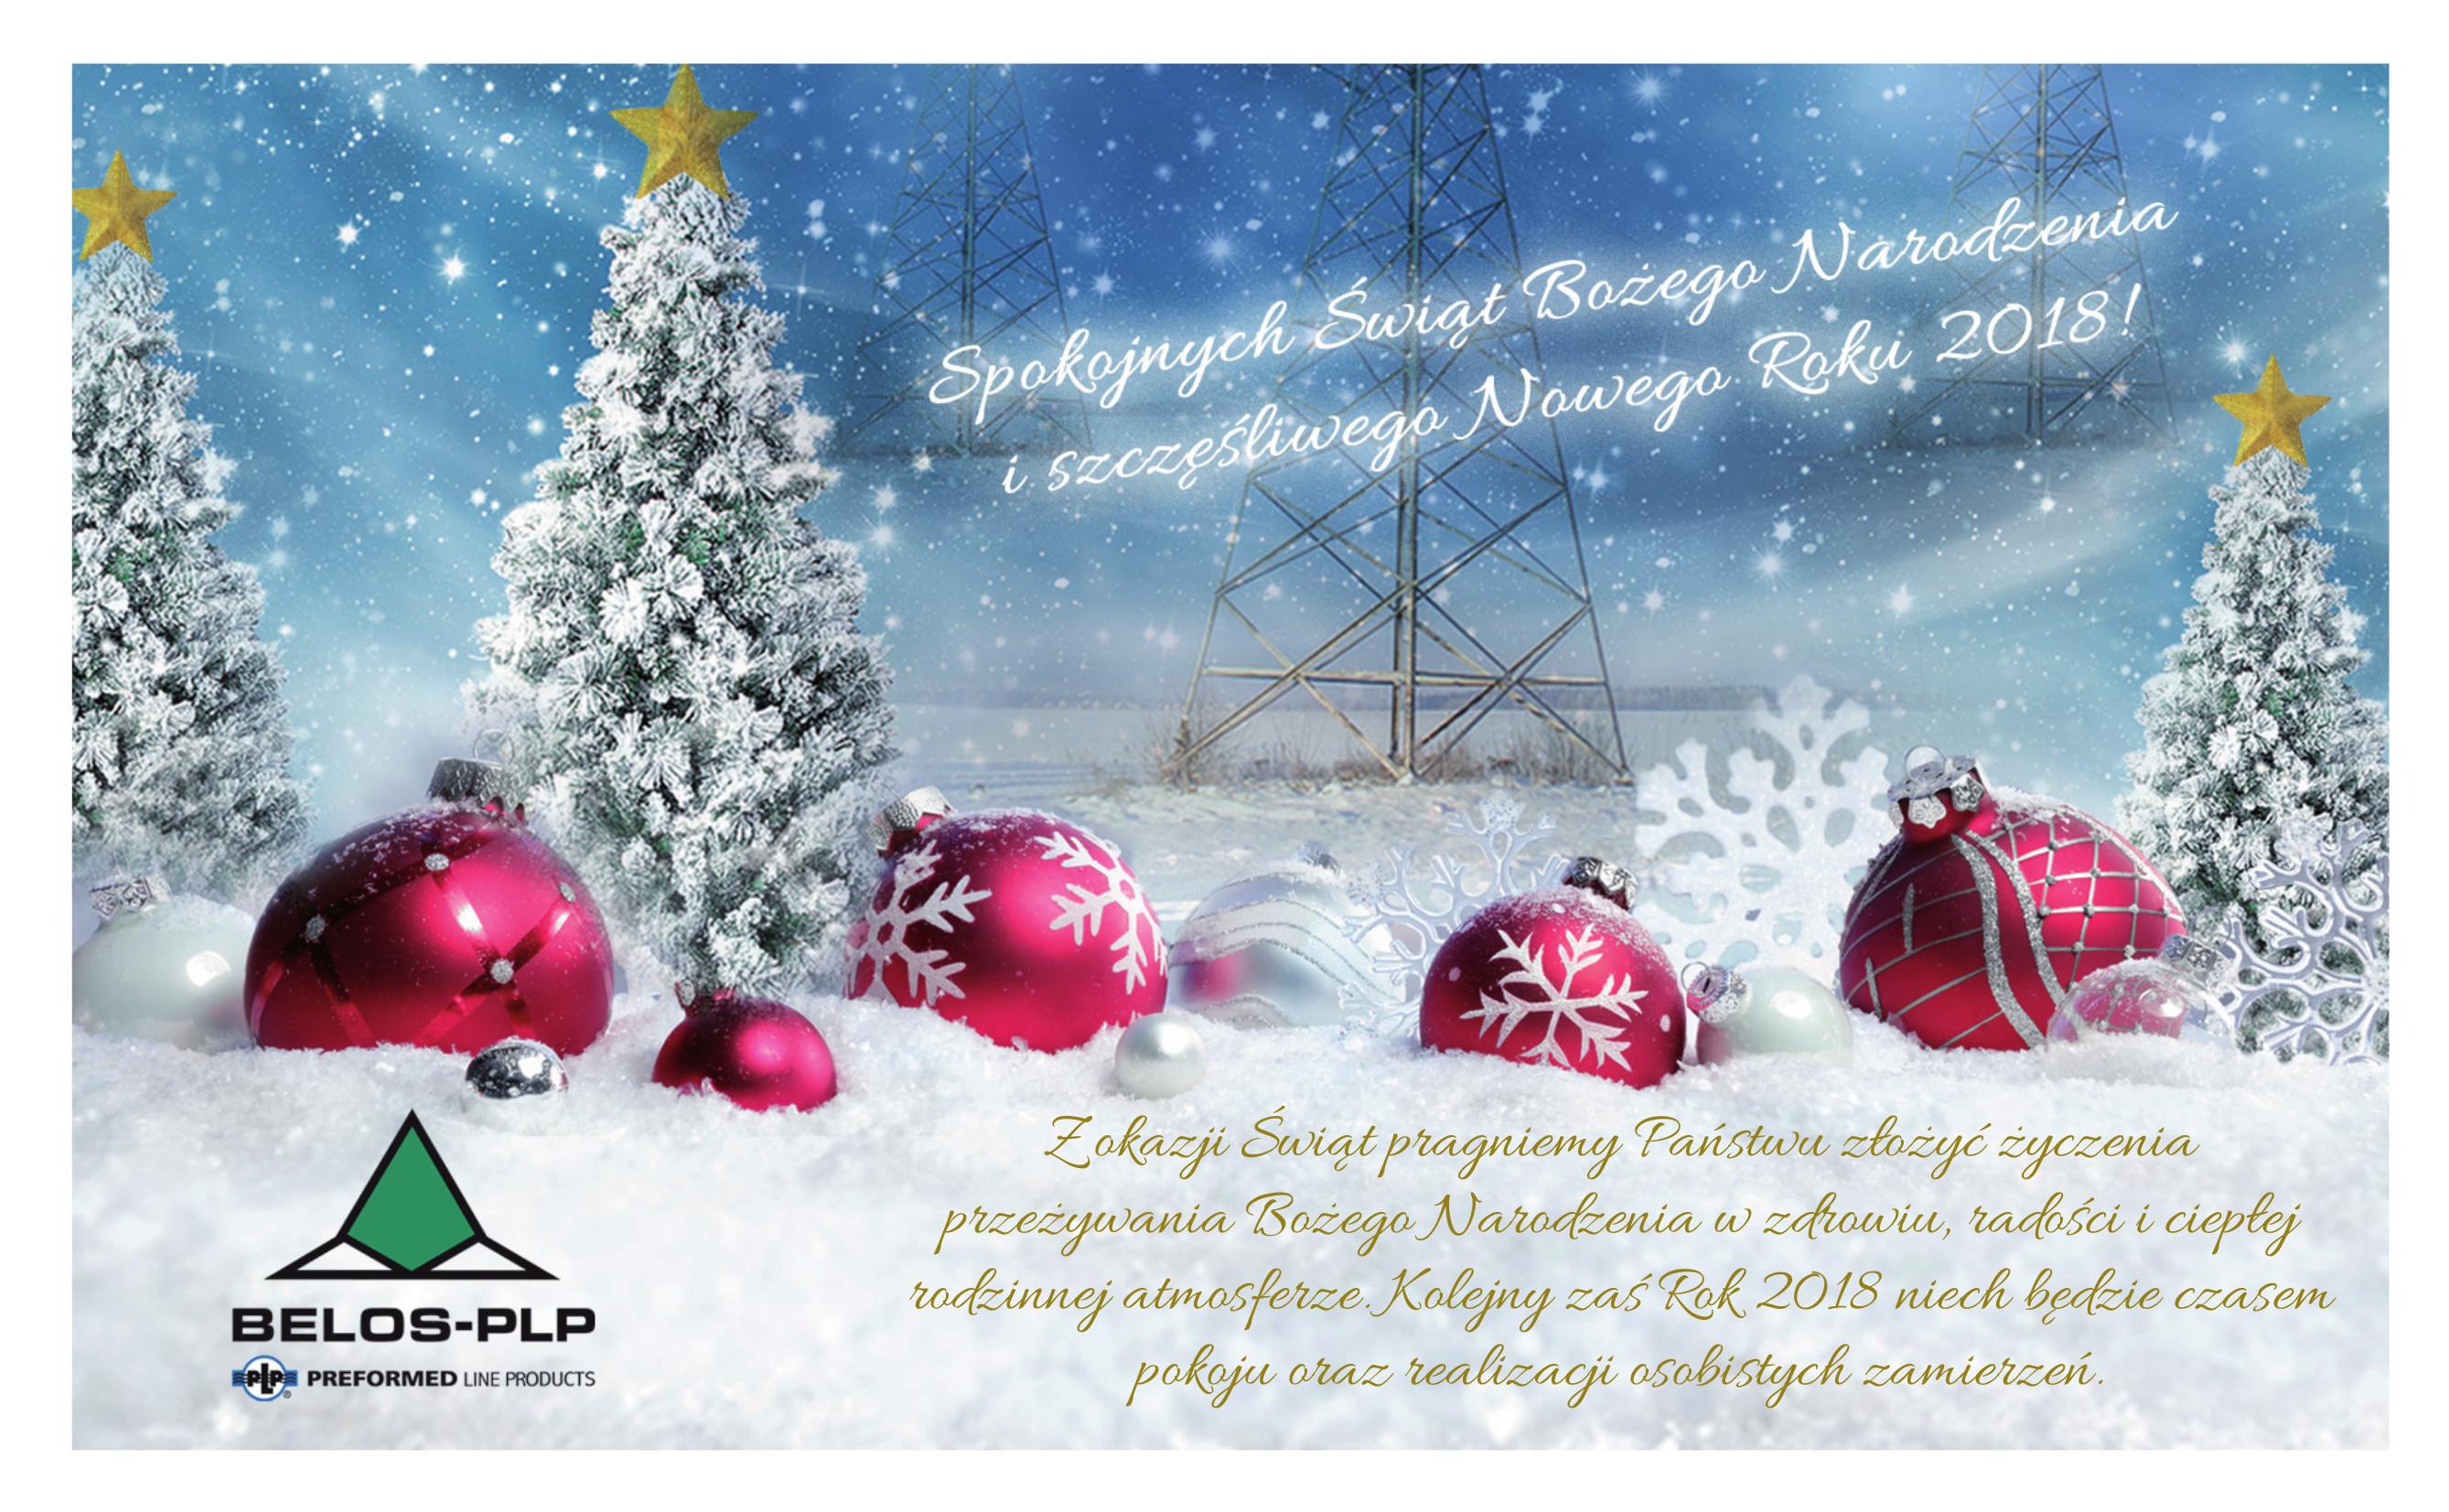 boze narodzenie 2018 zyczenia swiateczne Życzenia świąteczne i noworoczne   Belos PLP   osprzęt energetyczny boze narodzenie 2018 zyczenia swiateczne